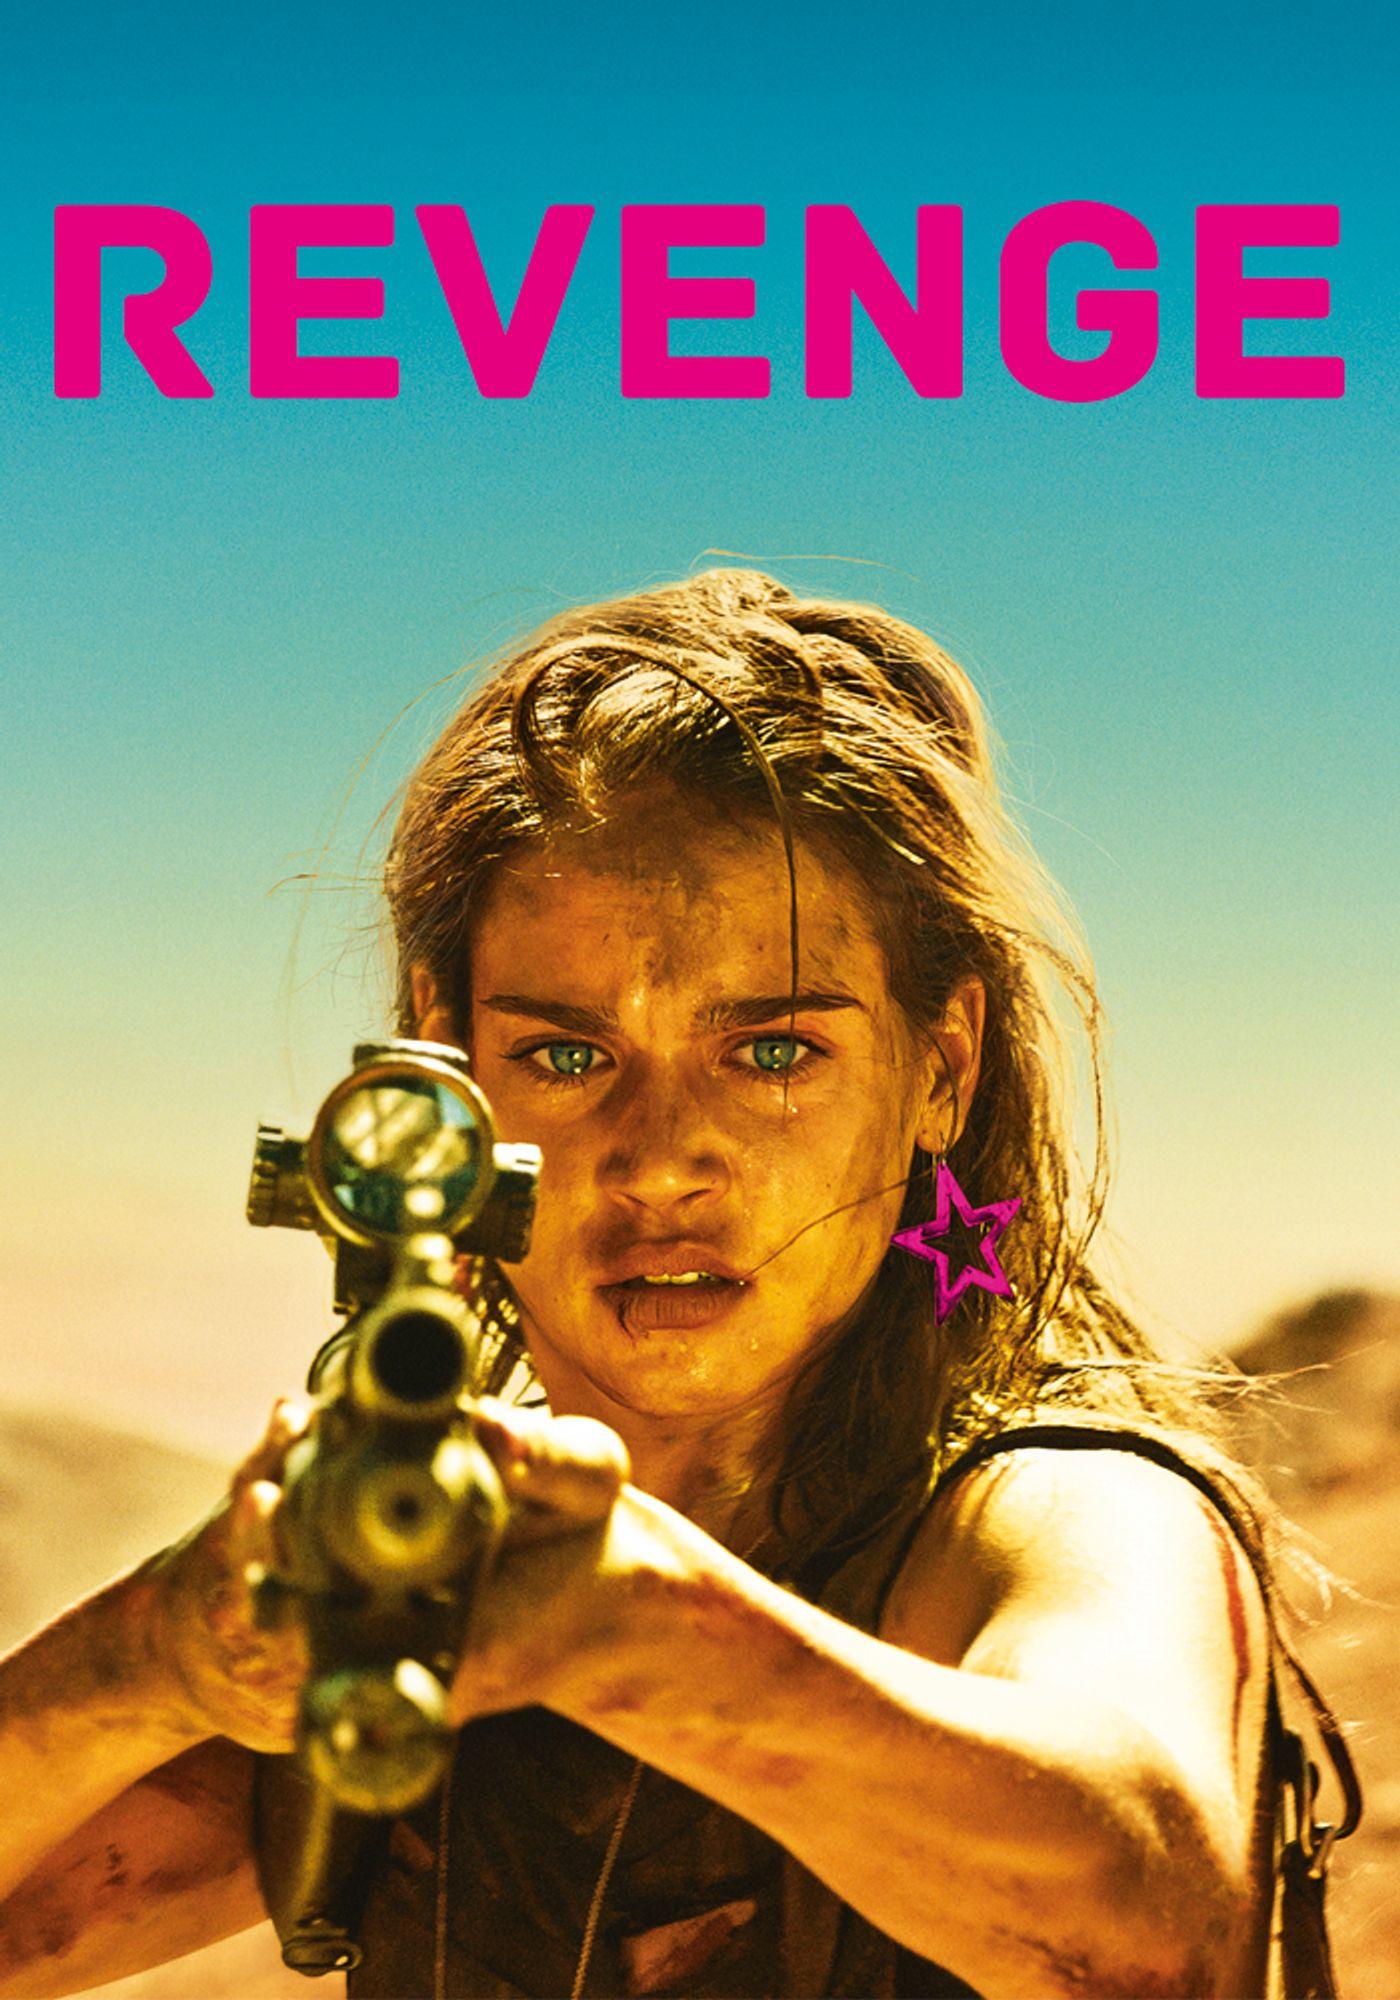 Revenge_MITELE-PLUS_700x1000